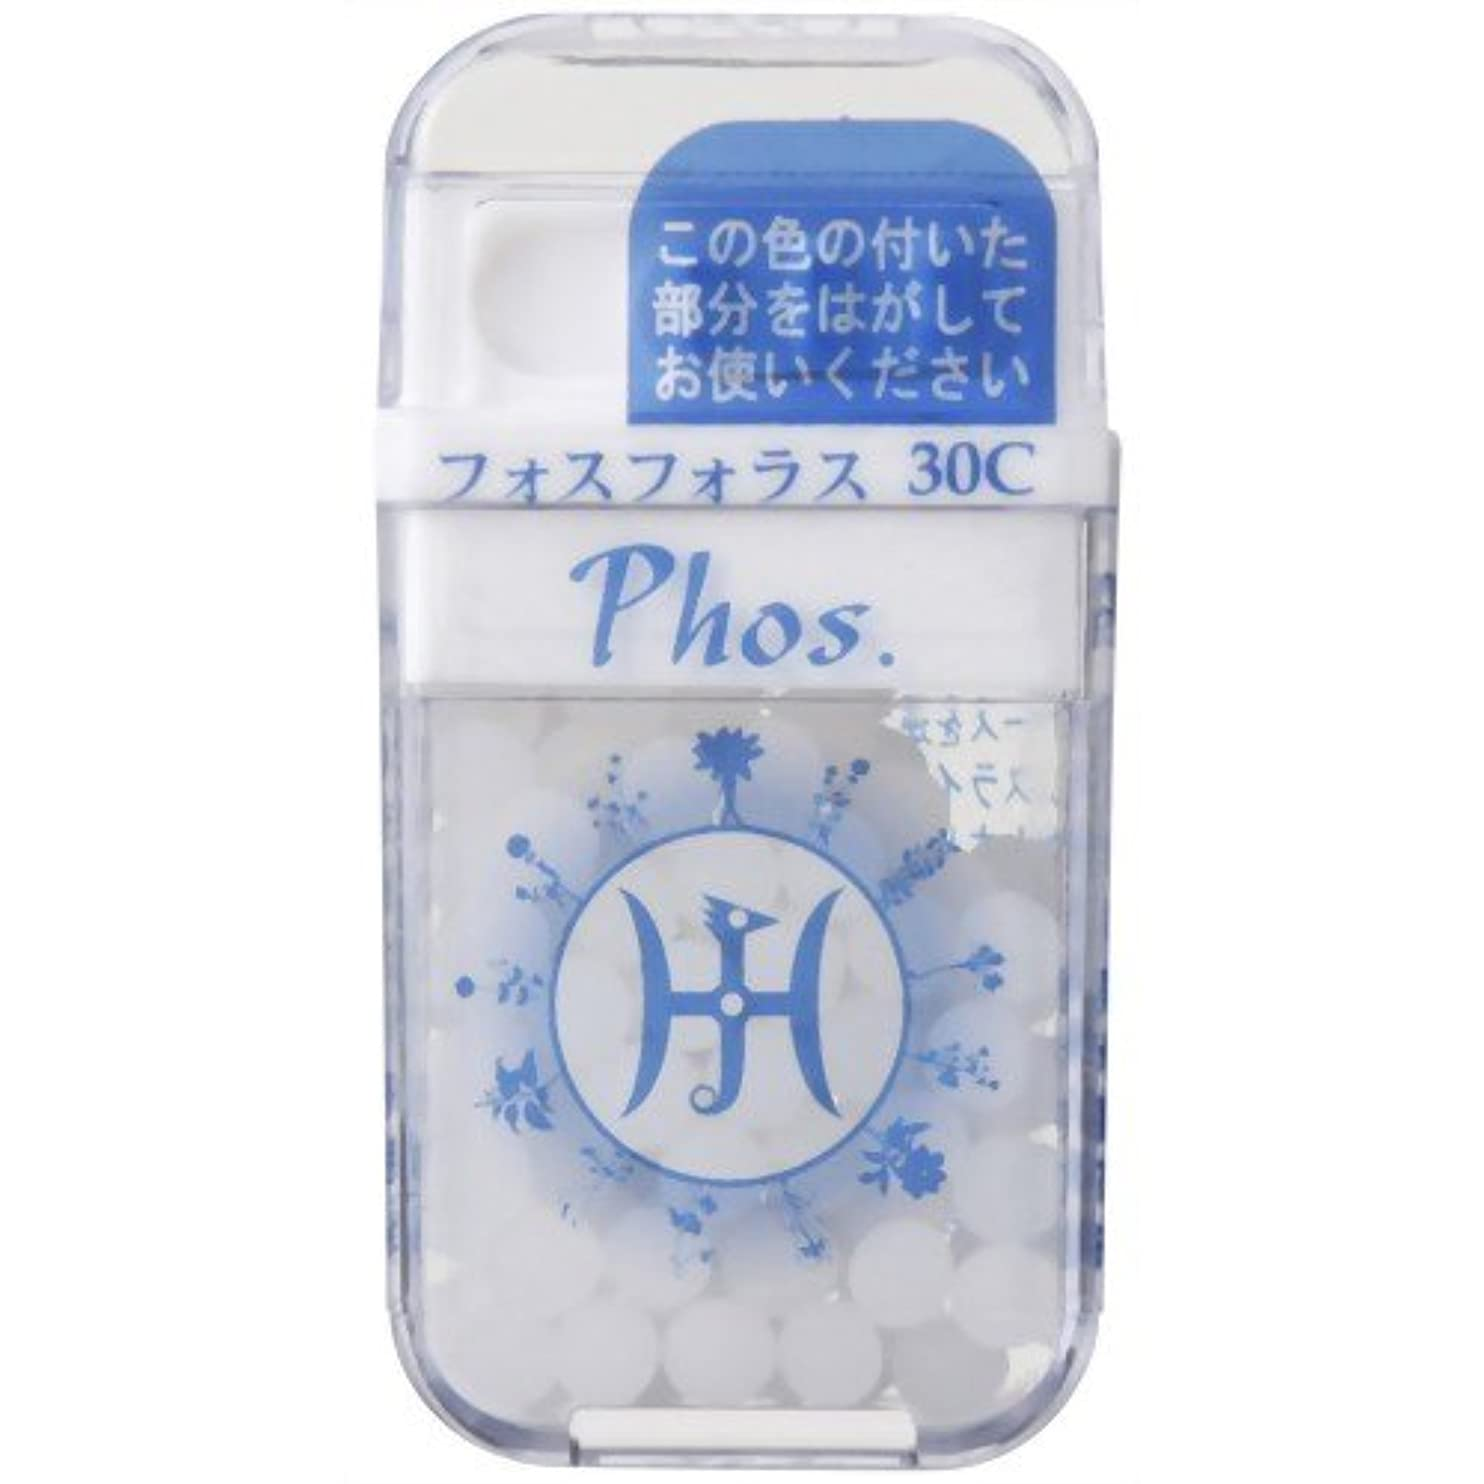 ホメオパシージャパンレメディー Phos.  フォスフォラス 30C (大ビン)